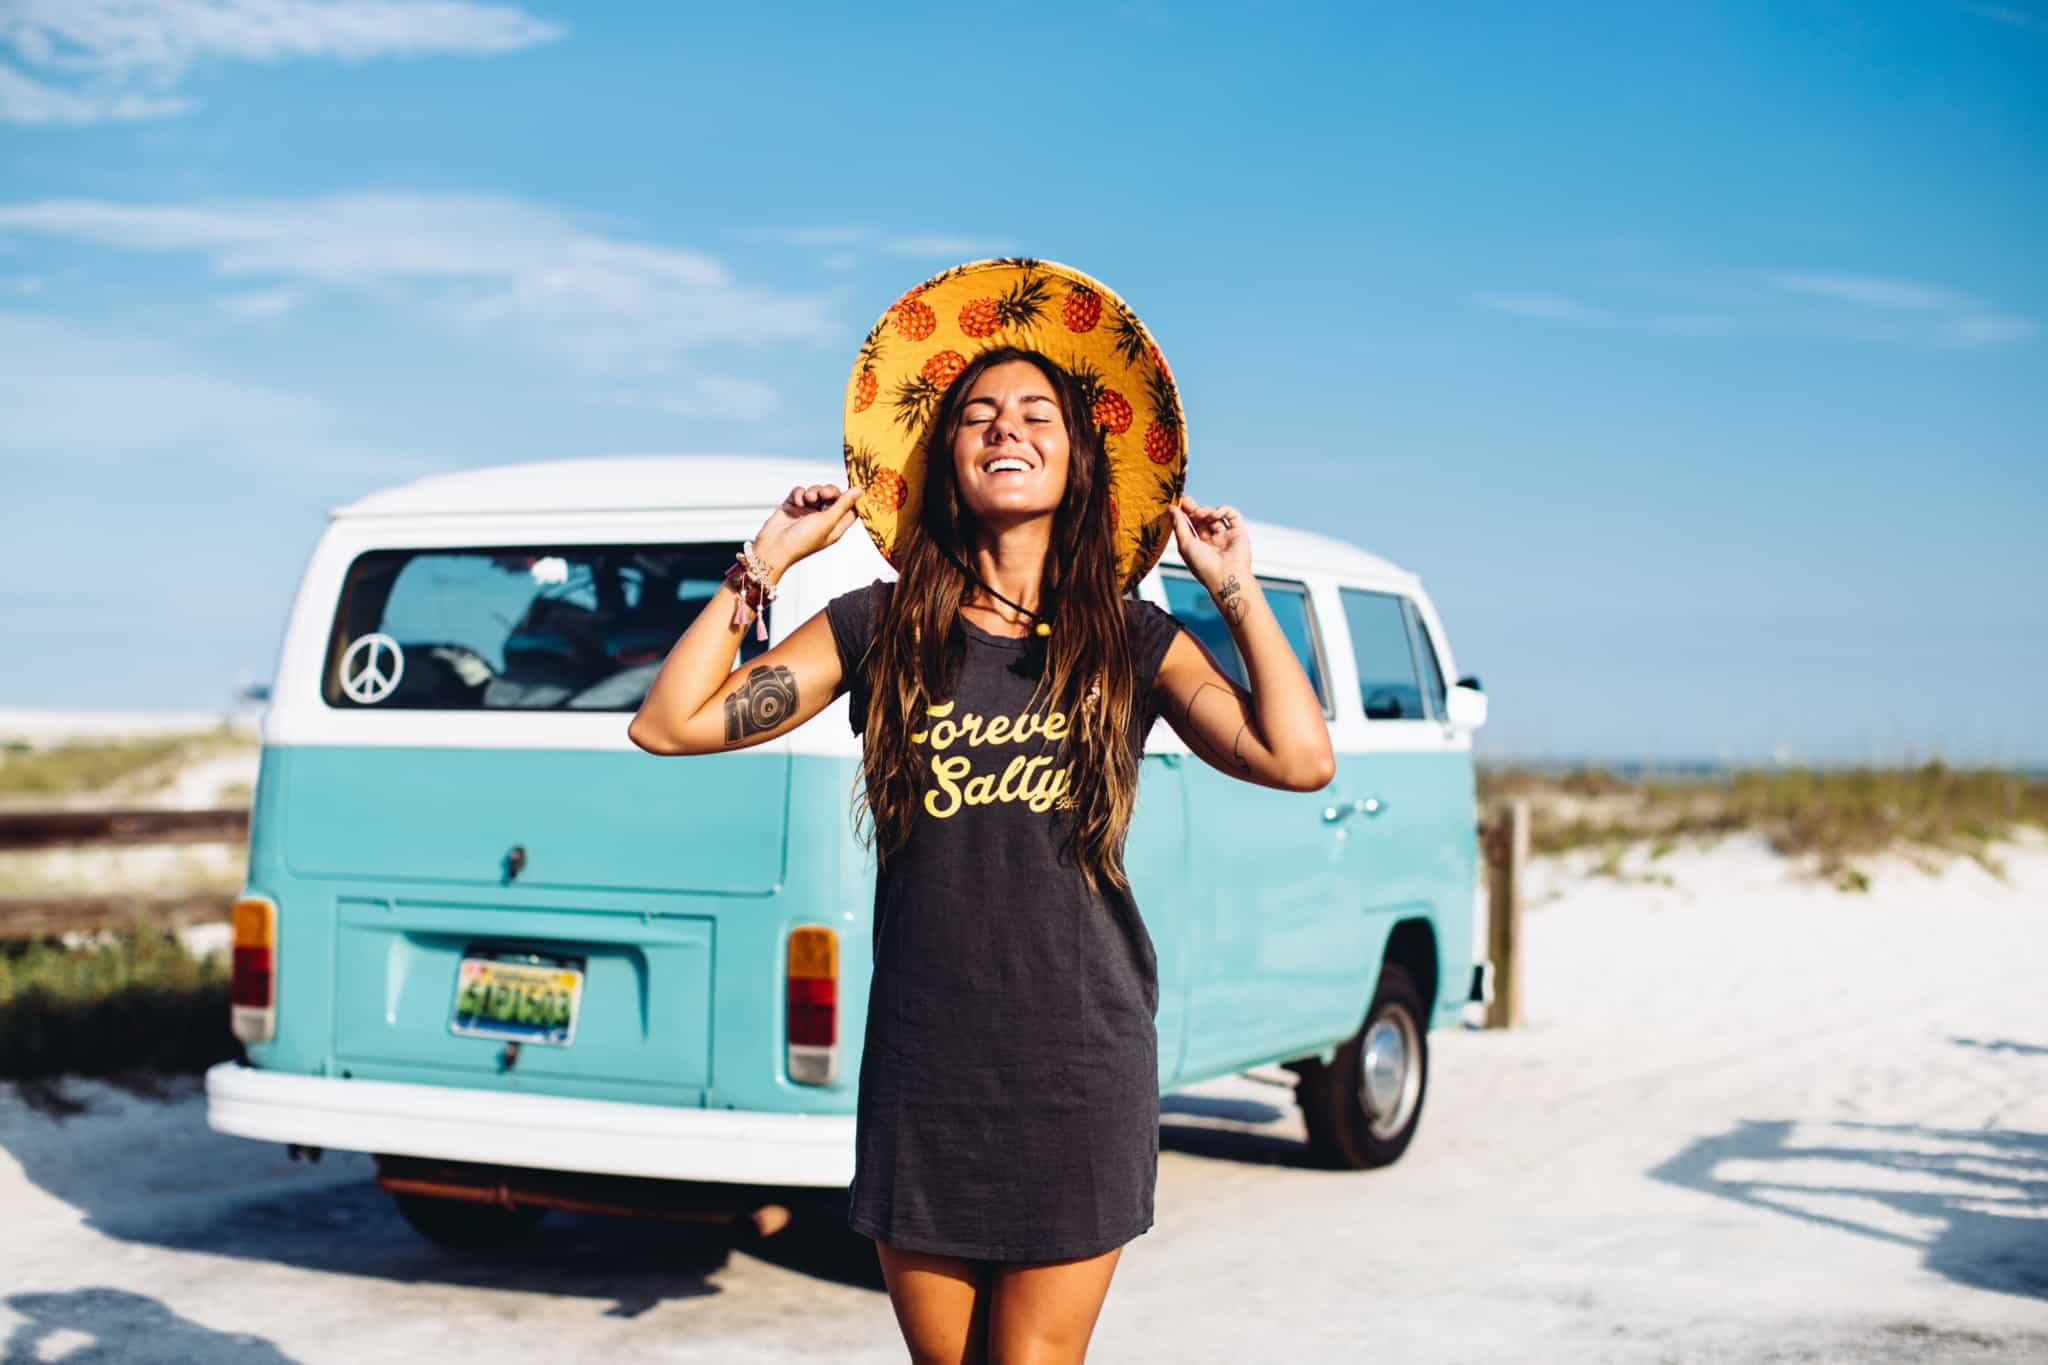 rapariga de férias à frente de uma caravana